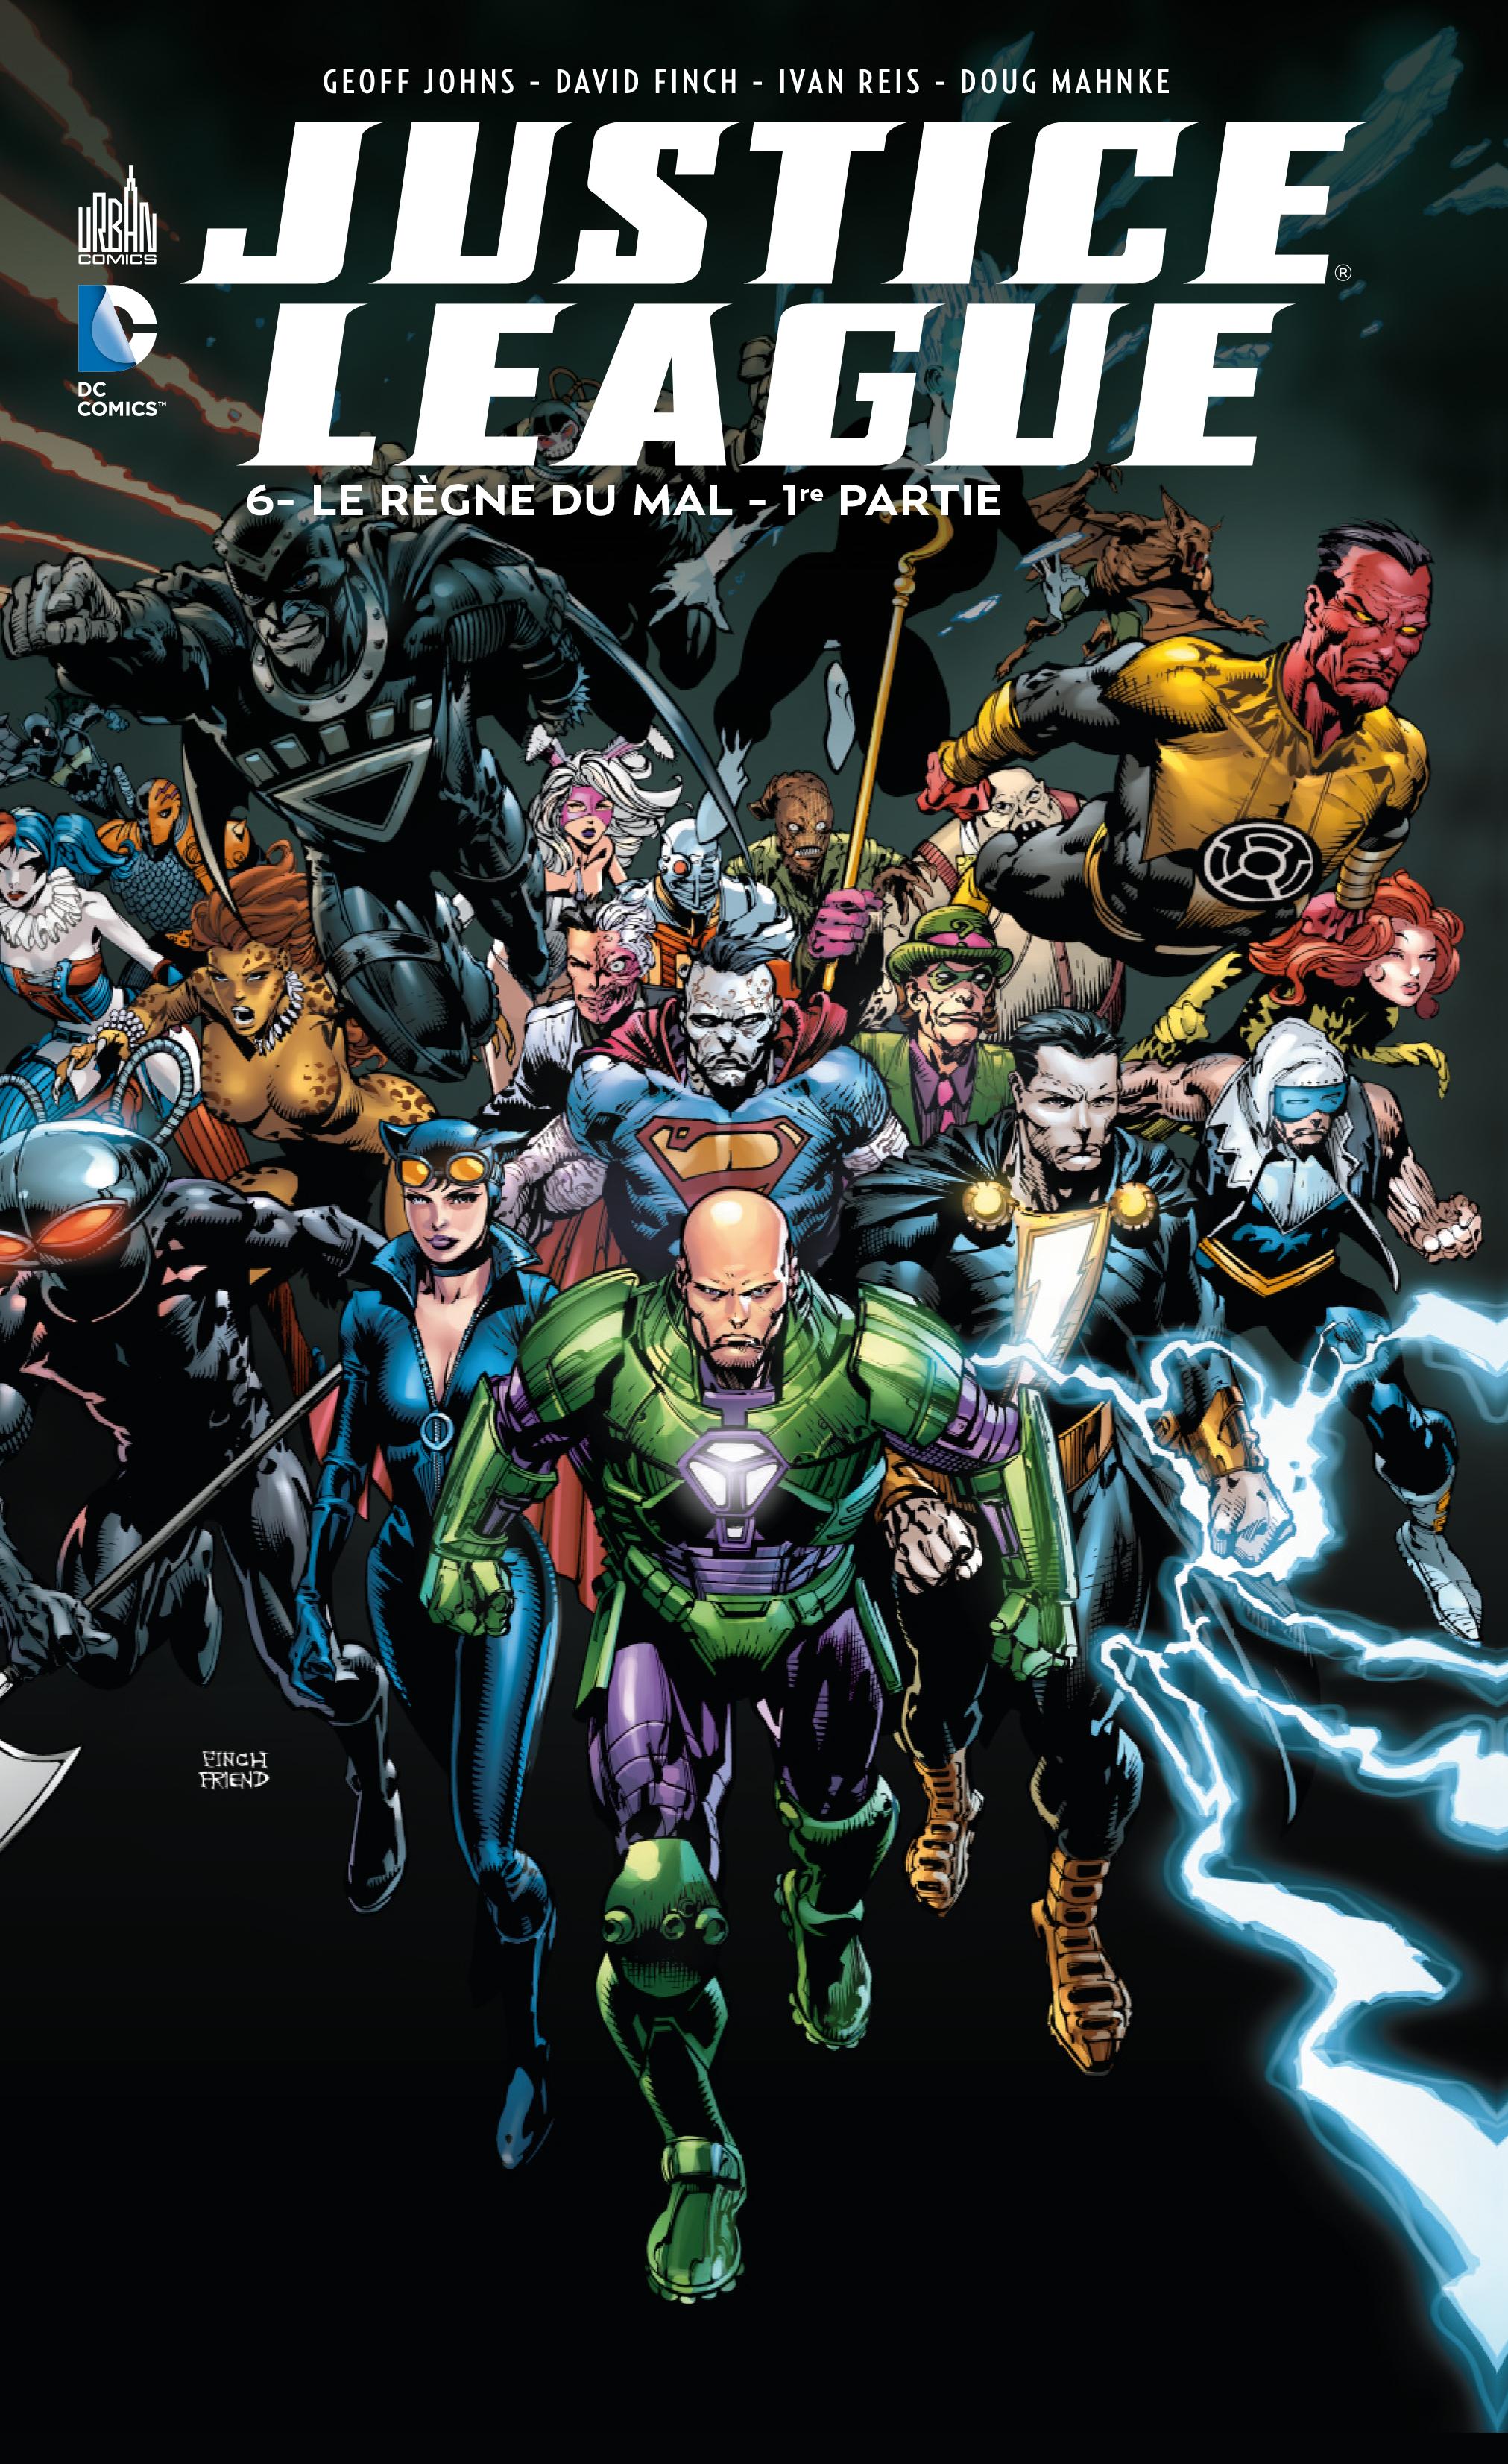 Justice League 6 - Le règne du mal - 1ère partie